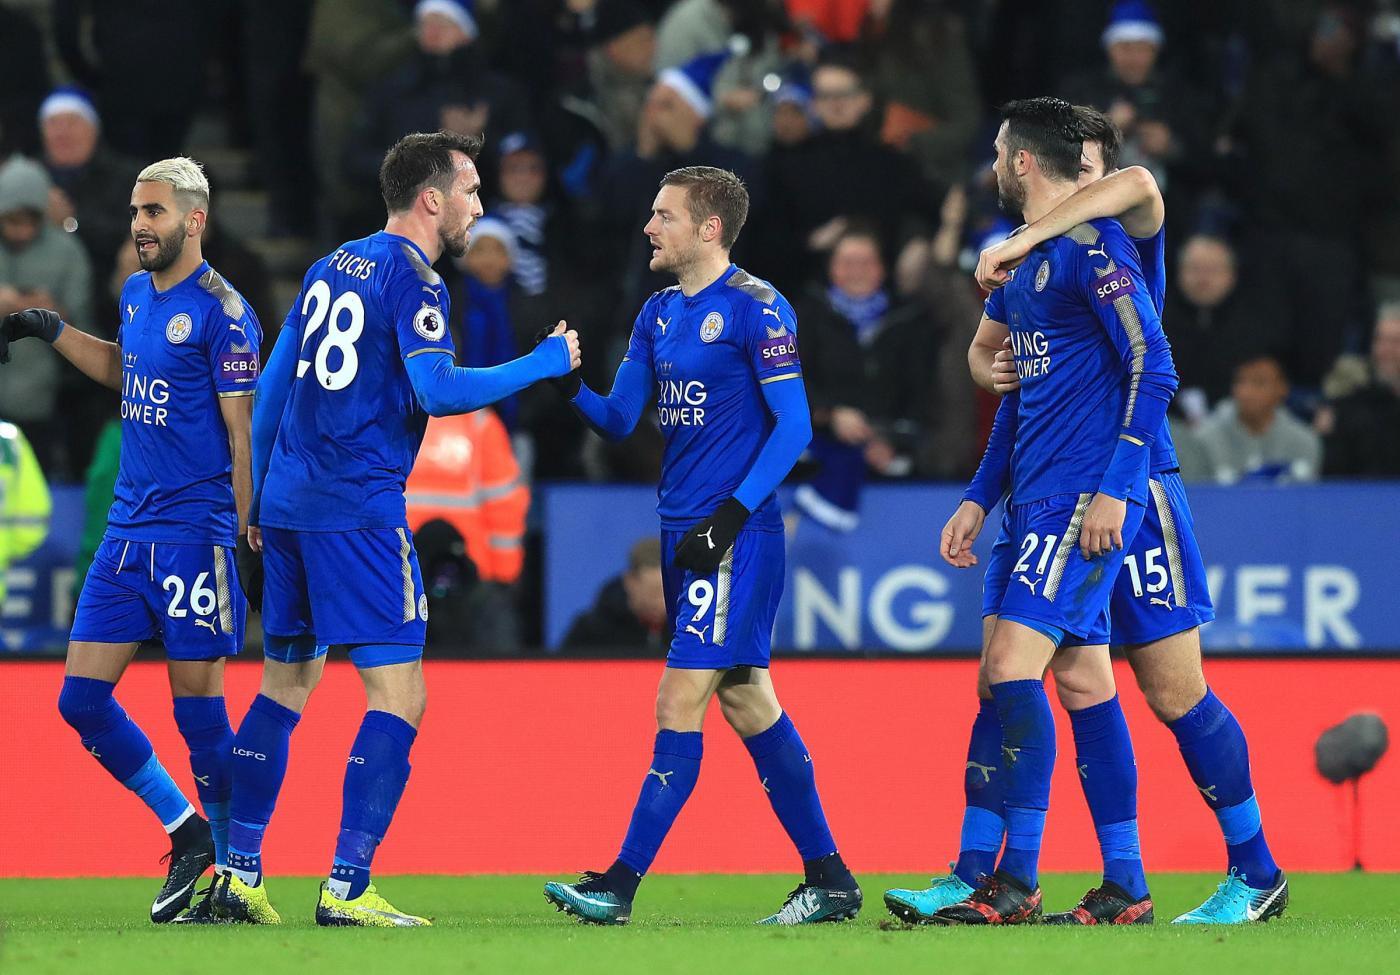 Premier League, Huddersfield-Leicester 6 aprile: analisi e pronostico della giornata della massima divisione calcistica inglese